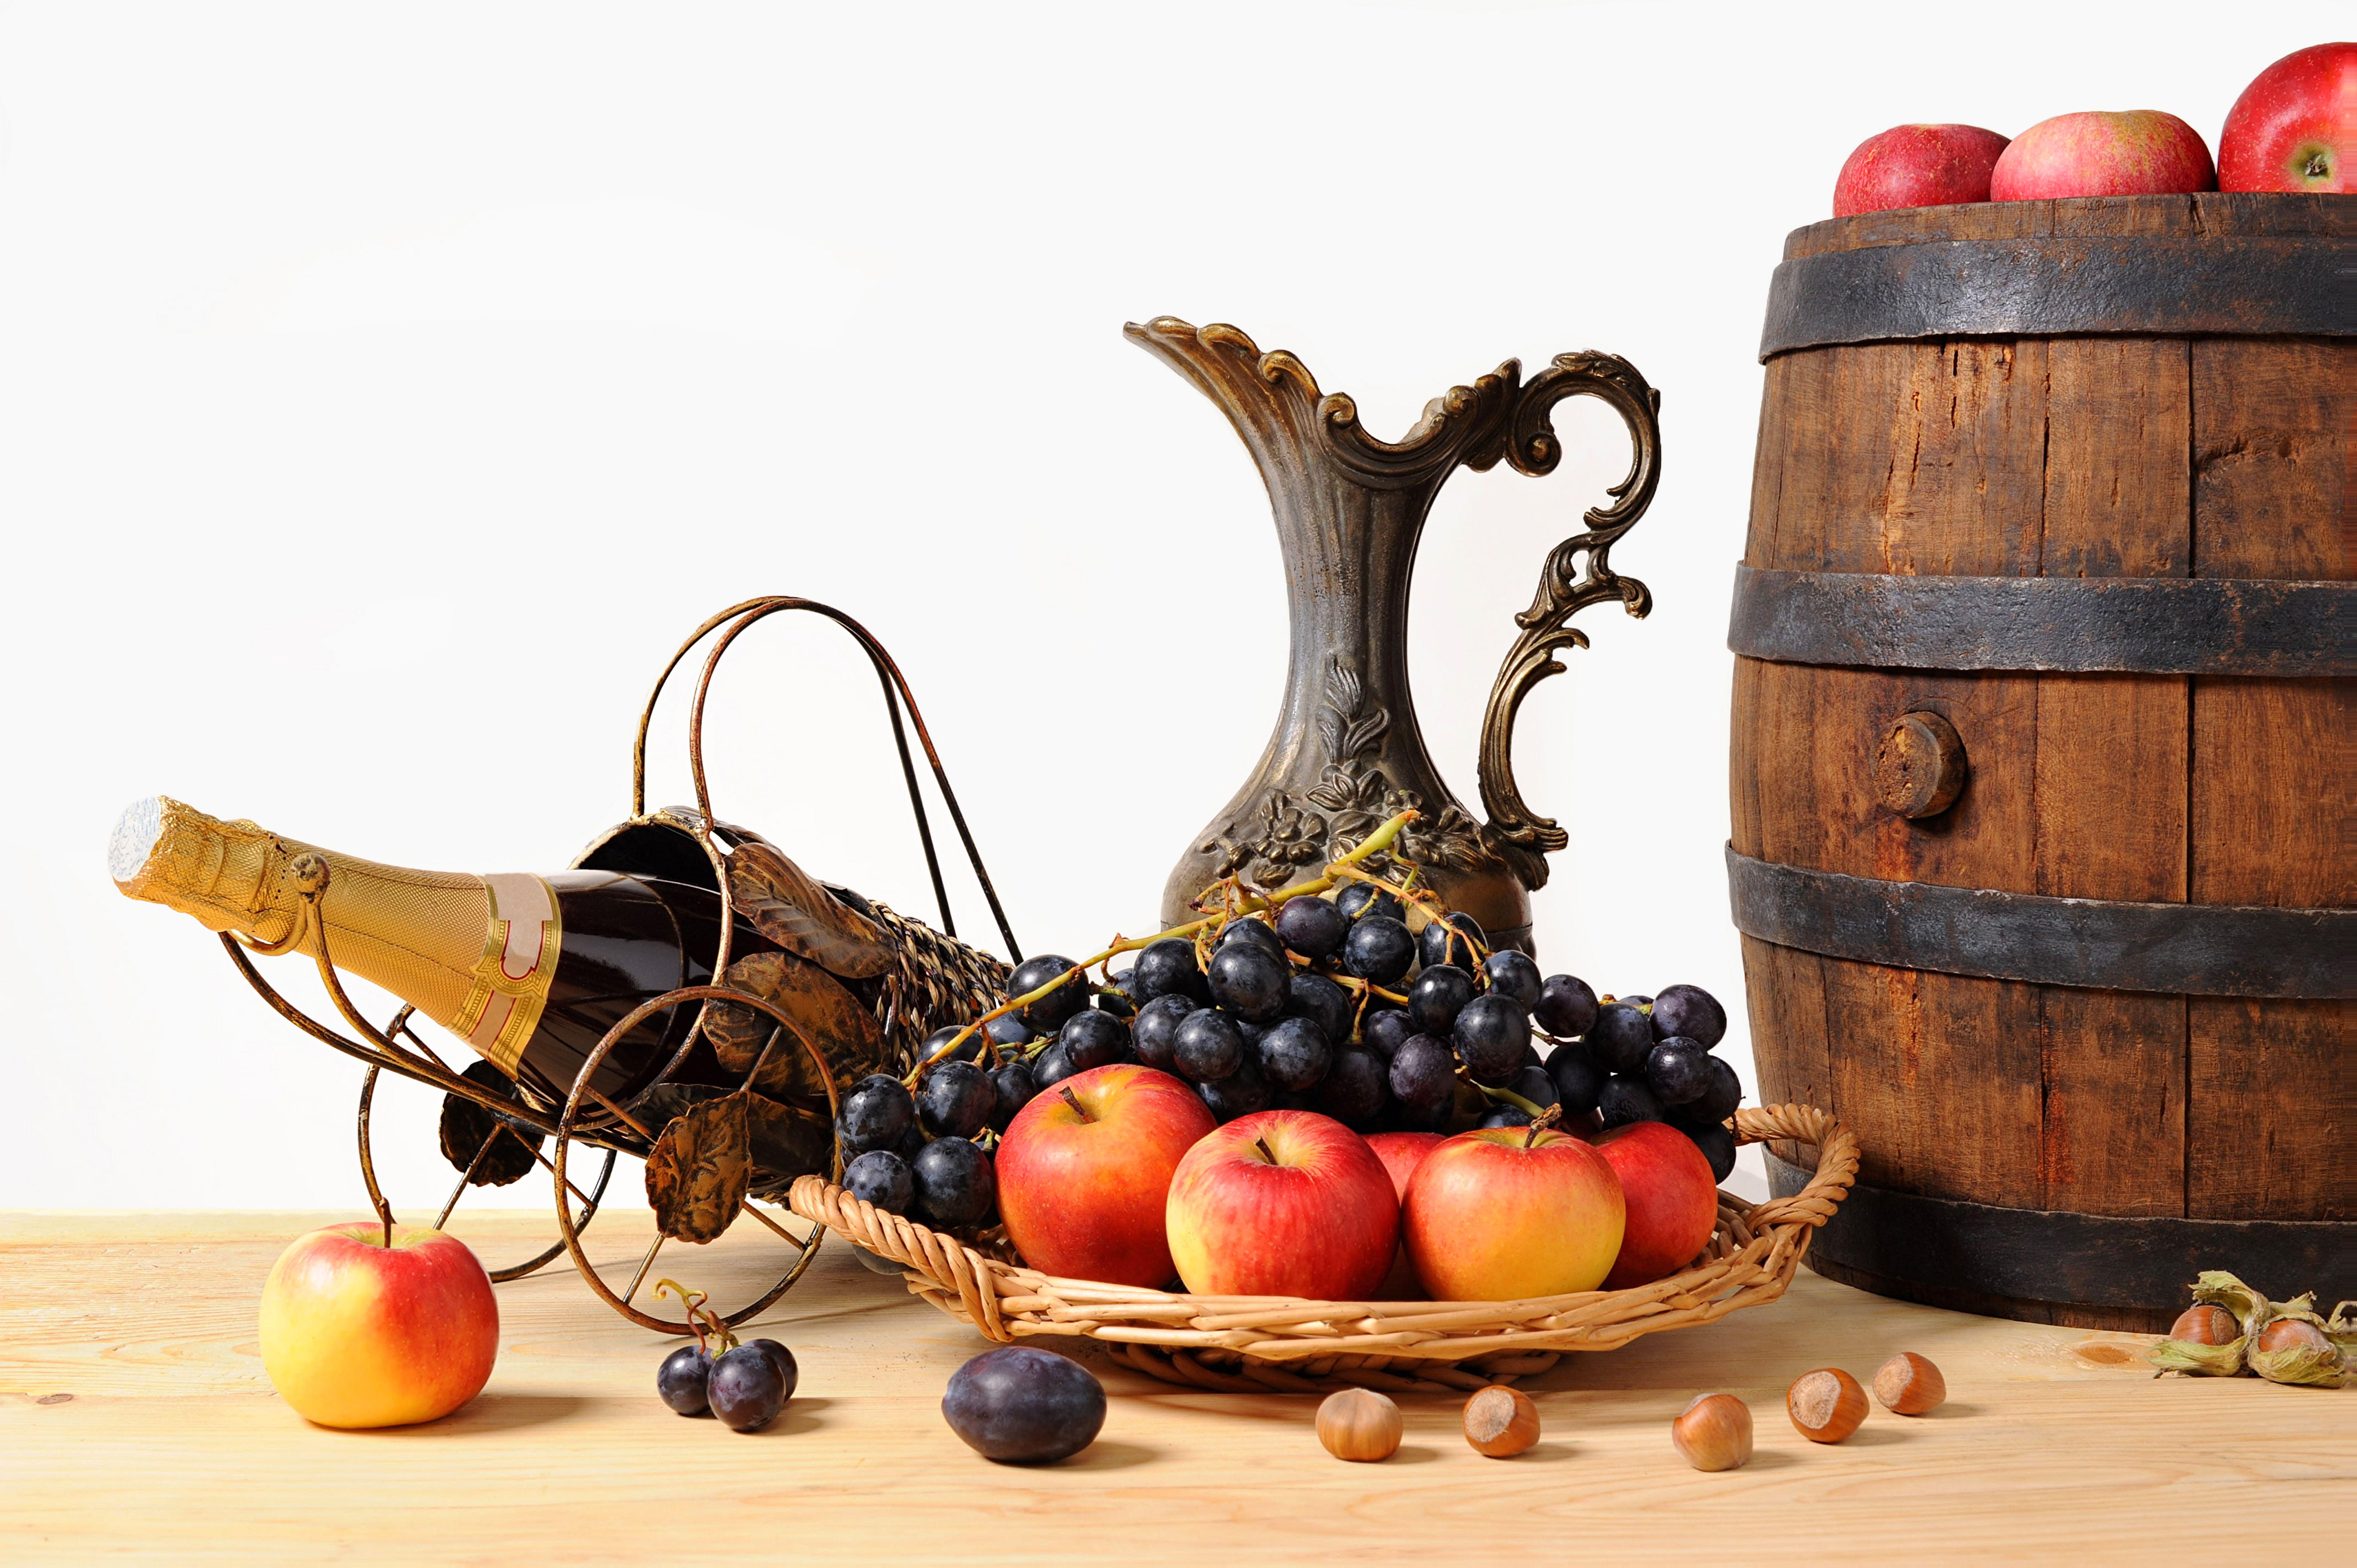 Виноград в корзине загрузить